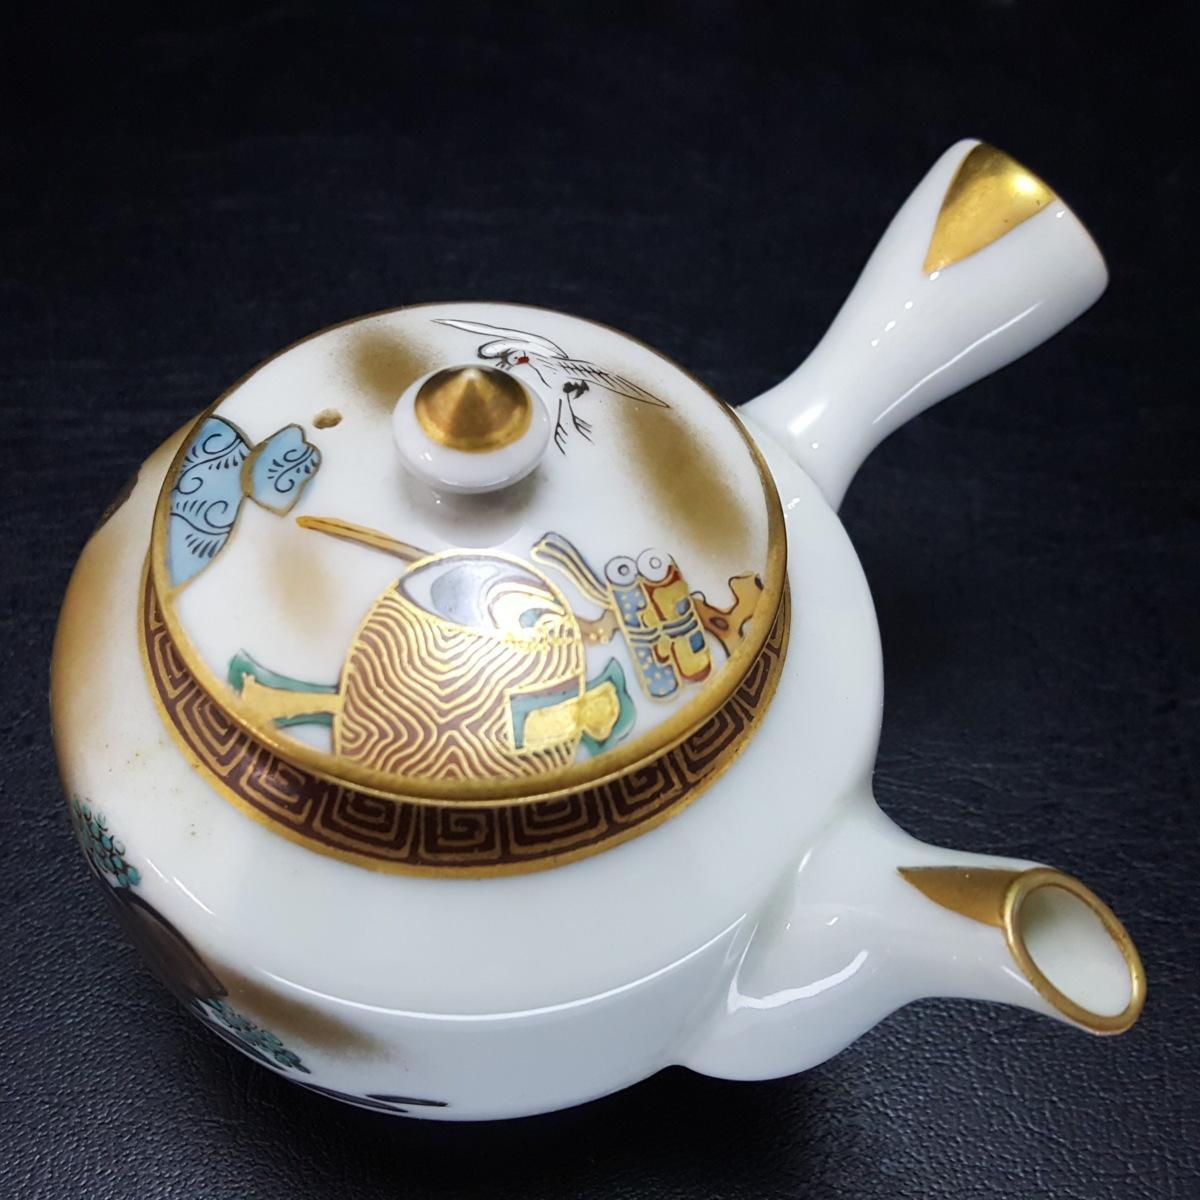 【宝蔵】九谷焼 時代物 源山造 金彩煎茶器揃 急須 湯冷 煎茶碗五客 時代箱付